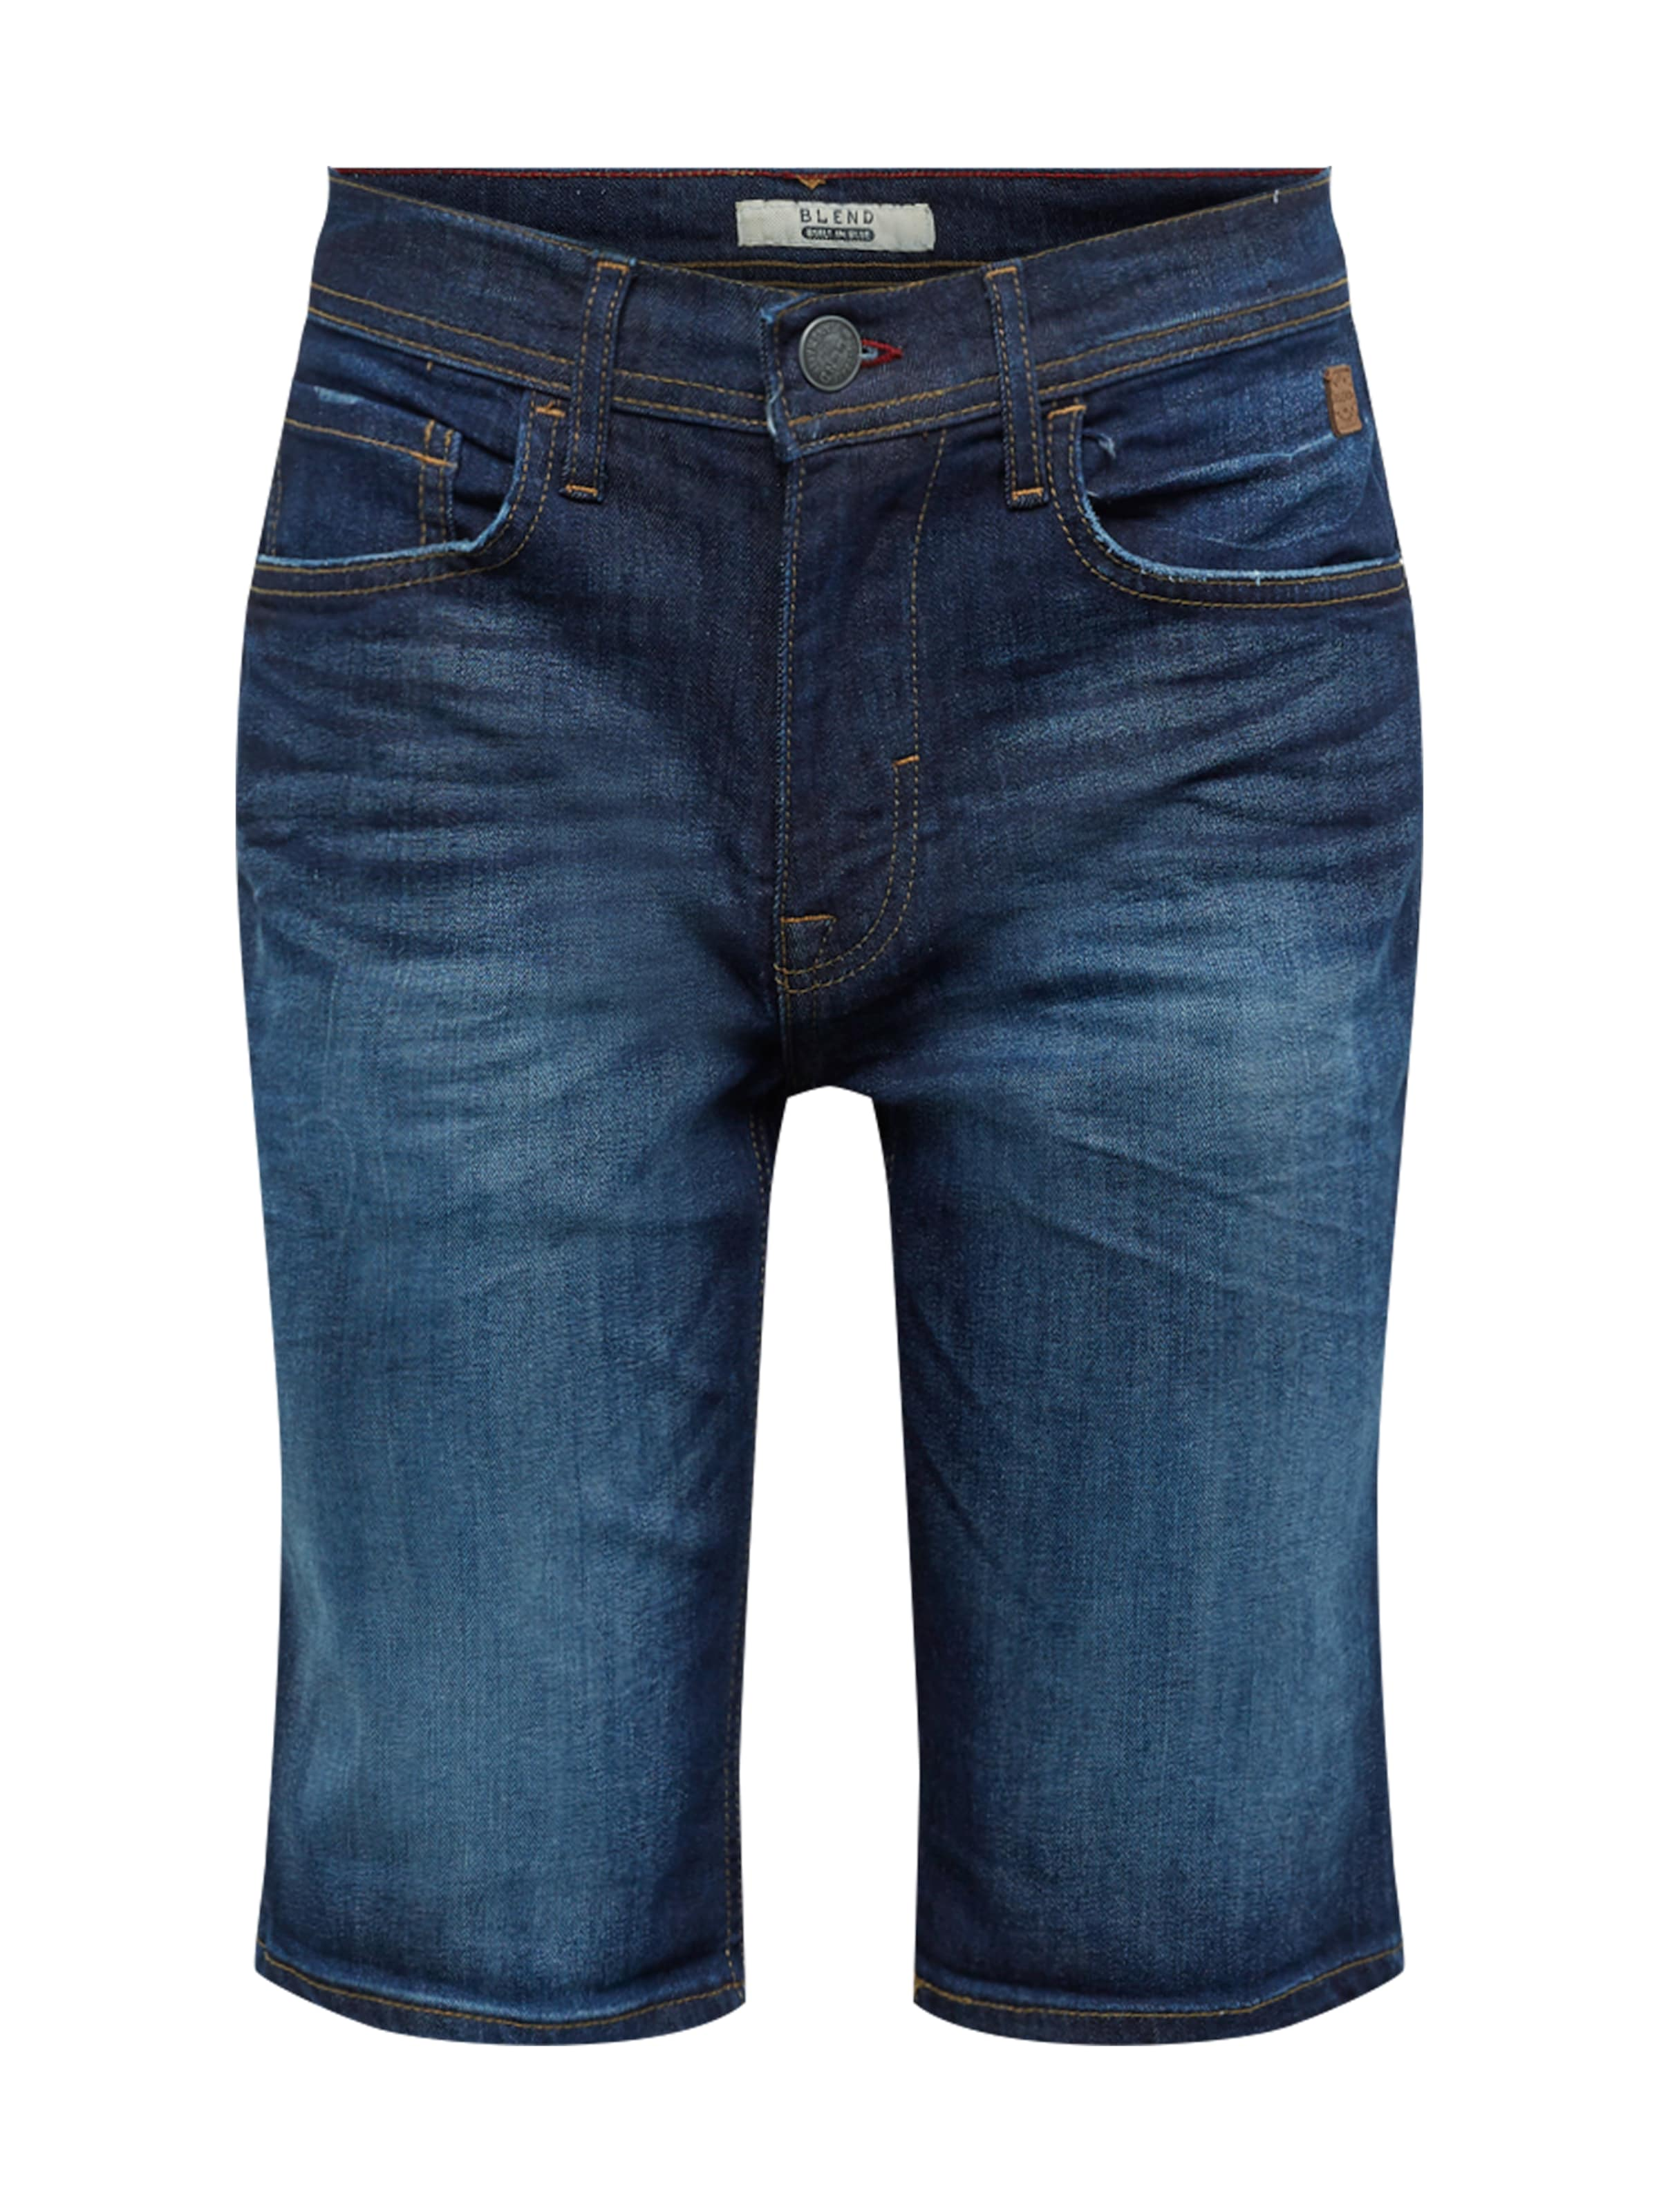 Blend 'denim Slim' Foncé En Jean Shorts Bleu Twister bygmY6vIf7